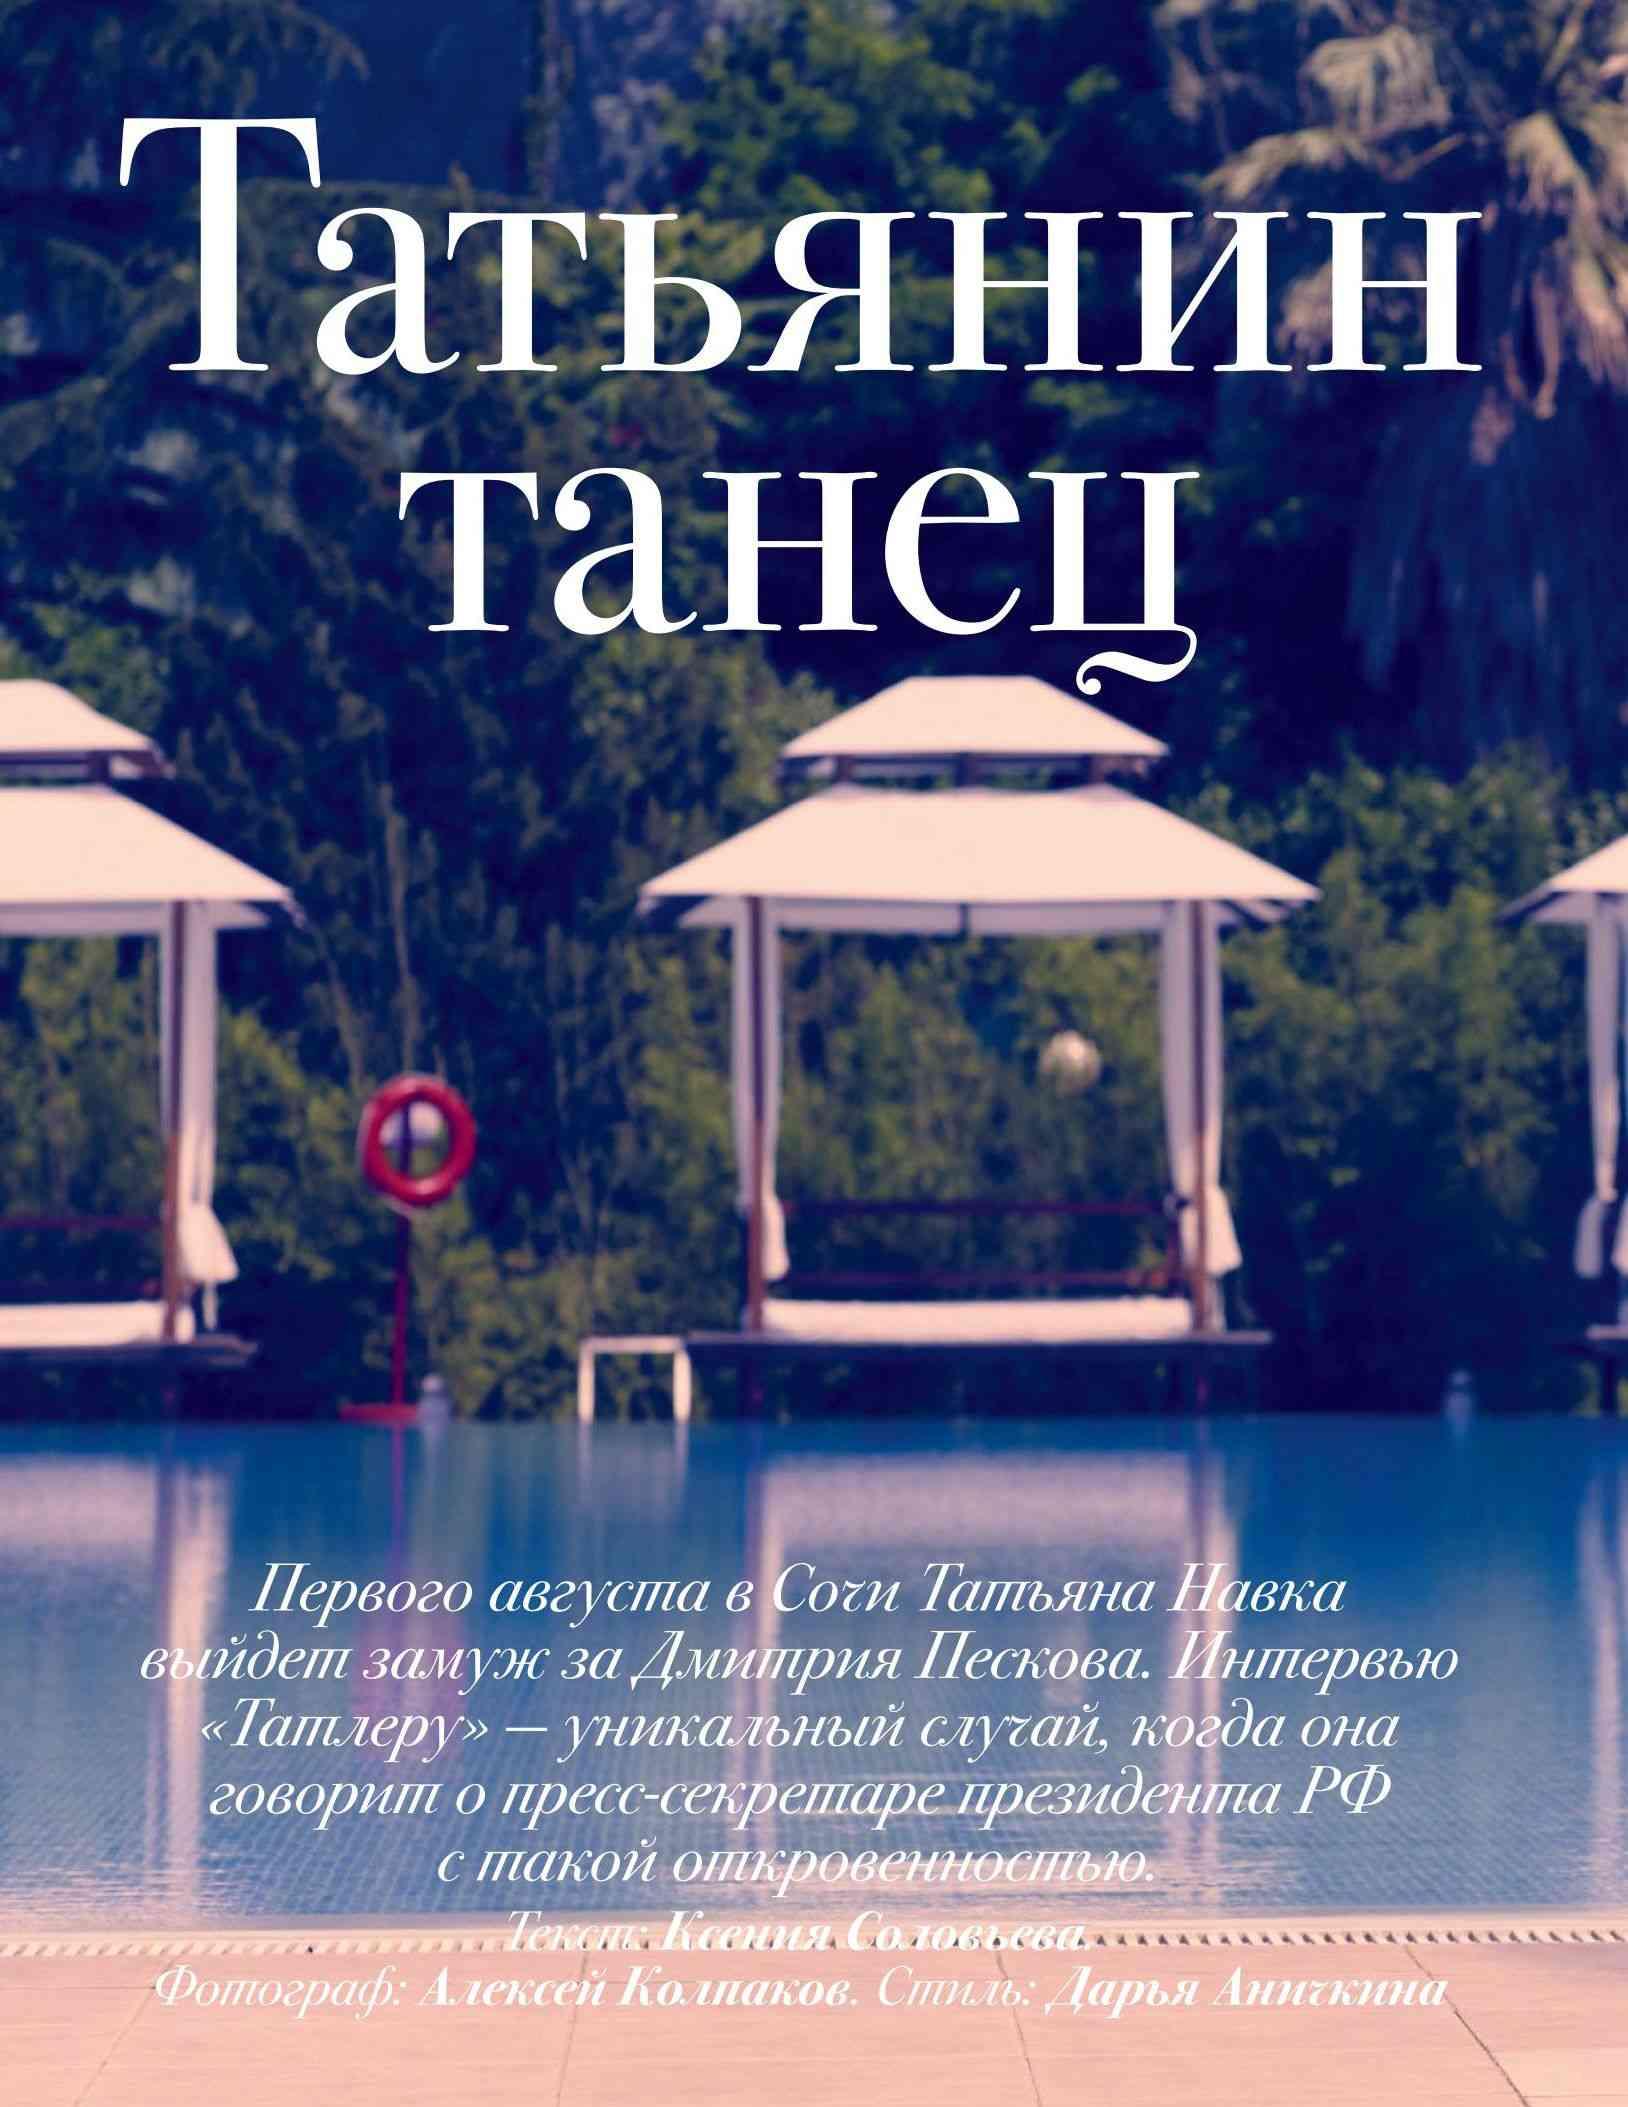 Свадьба Тани и Дмитрия Пескова 00110